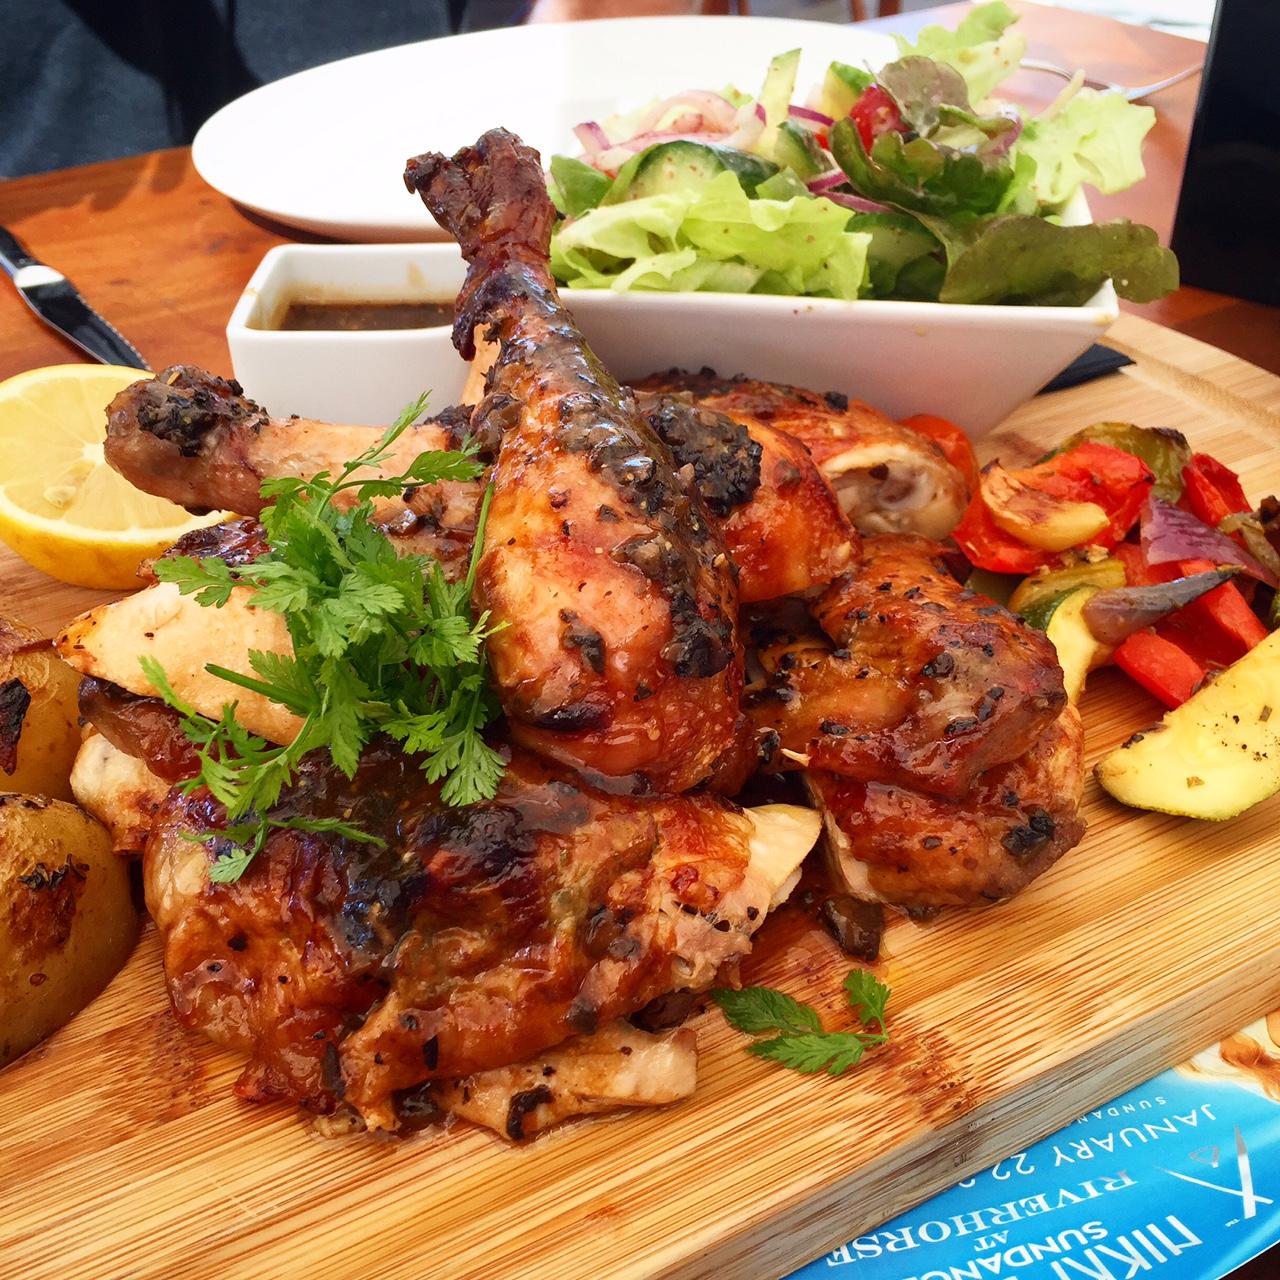 Chicken for days at Nikki Beach, St. Barth's